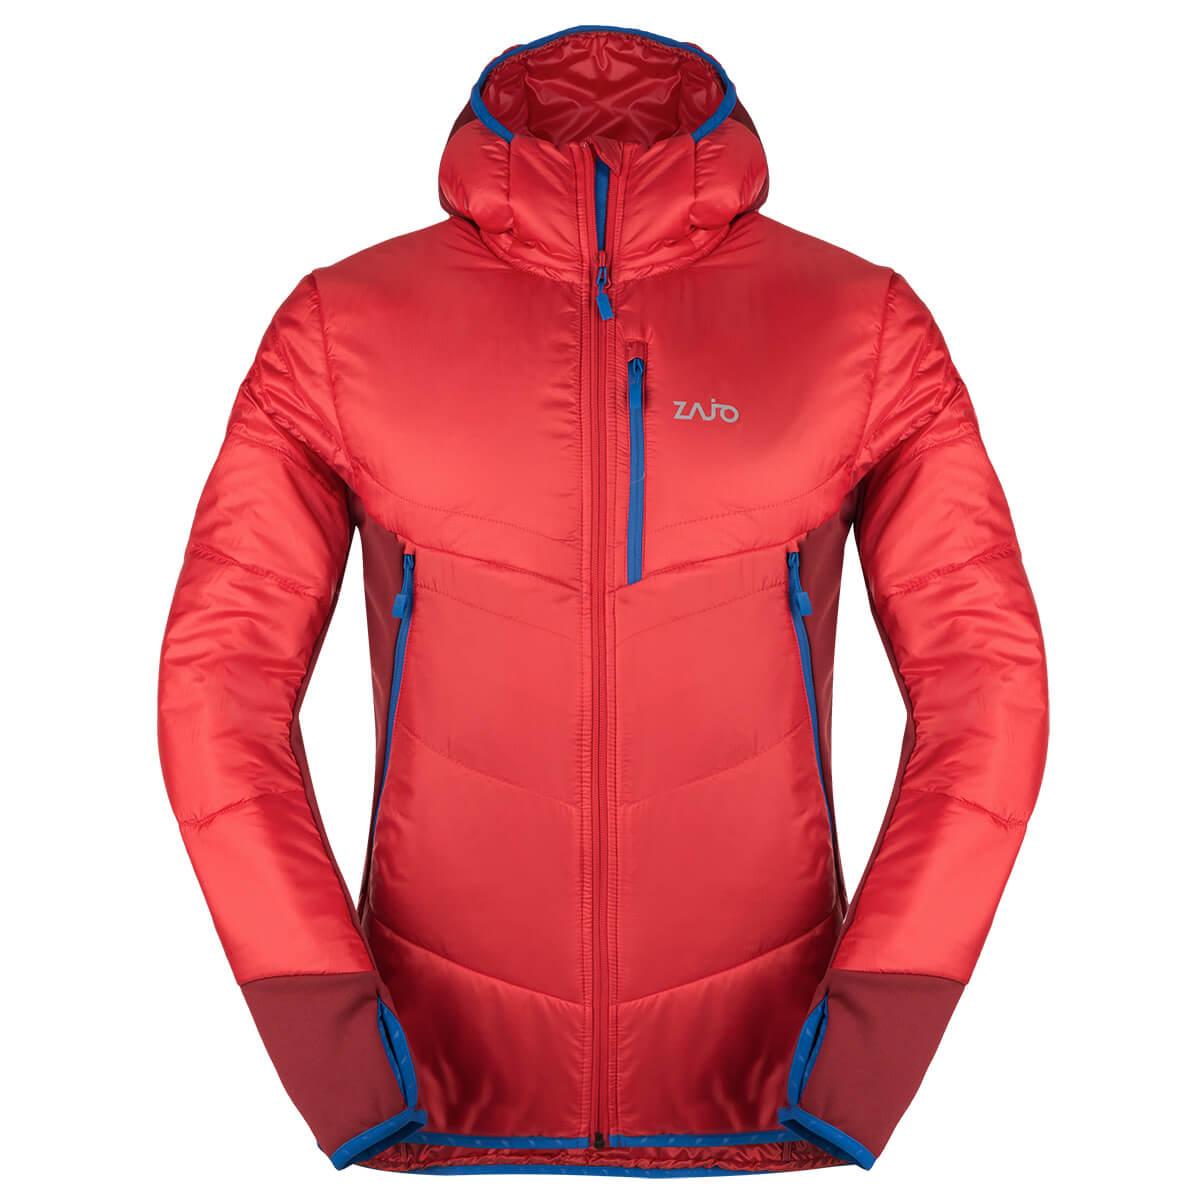 Pánska bunda Zajo Arth Jkt Red - veľkosť S